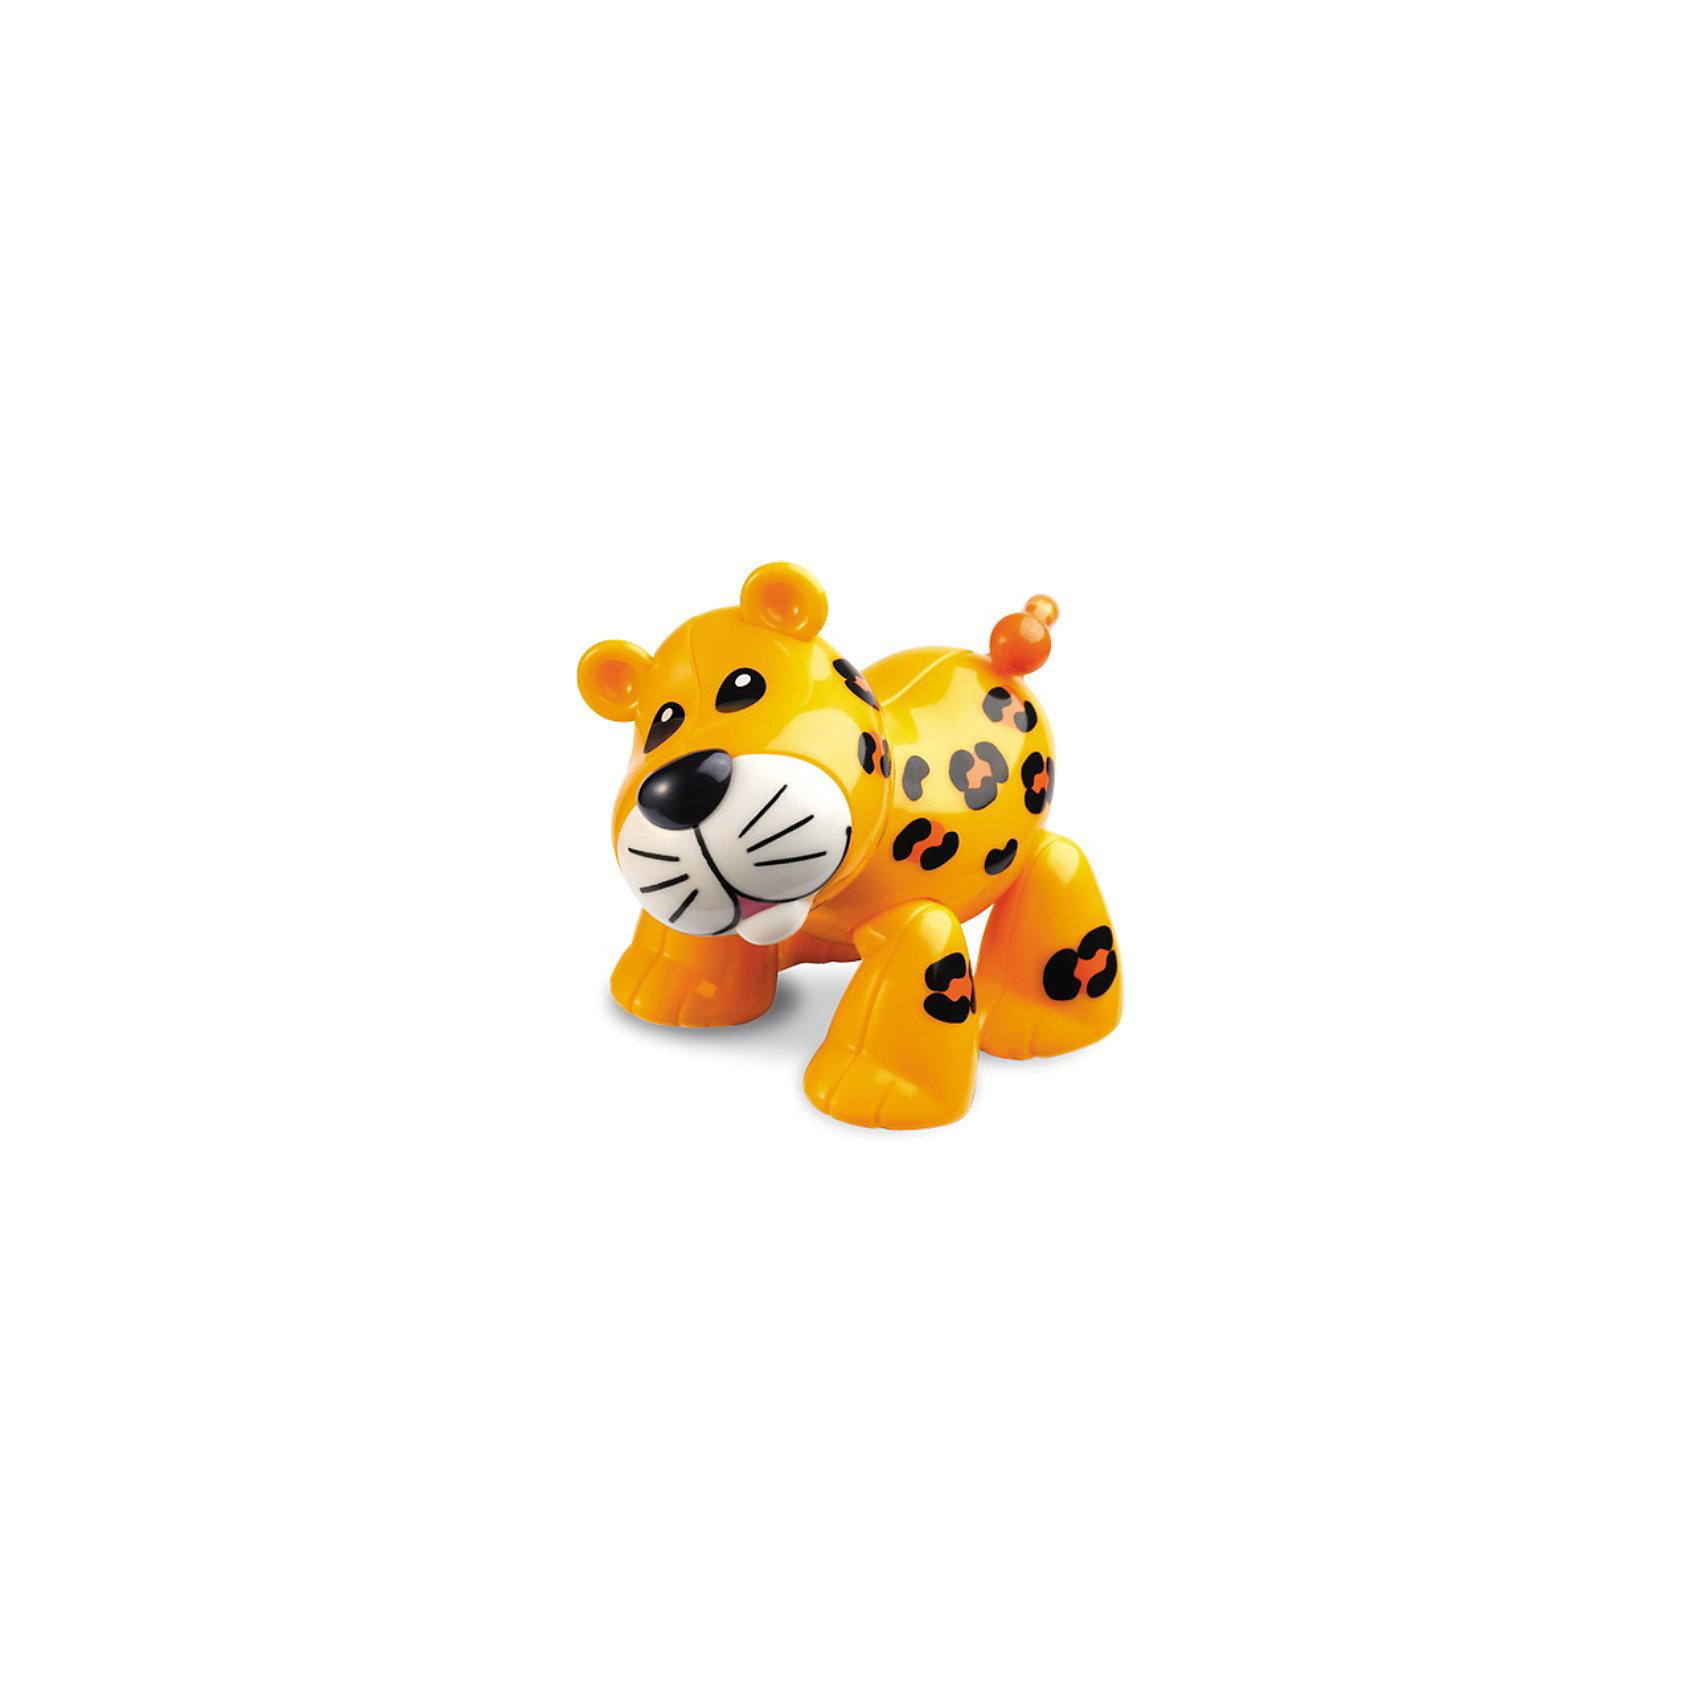 Фигурка Леопард, Первые друзья, TOLOФигурка Леопард, Первые друзья, TOLO (ТОЛО) – эта яркая красочная игрушка привлечет внимание Вашего малыша и не позволит ему скучать.<br>Забавный Леопард из серии Первые друзья, TOLO станет лучшим другом вашего малыша. У леопарда с веселым пощелкиванием поворачиваются голова и хвост. Подвижные лапы позволяют задавать фигурке различные положения. Игрушка способствует развитию координации движений, моторики, распознаванию цветов и звуков, помогает формировать первые навыки сюжетно-ролевой игры. <br>Игрушки Толо производятся из пластика самого высокого качества и гипоаллергенных красителей. Они абсолютно безопасны для малышей, не бьются, не ломаются, крепкие и прочные.<br><br>Дополнительная информация:<br><br>- Размер: 6.4 х 8.9 х 7.2 см.<br>- Материал: высококачественный пластик<br><br>Фигурка Леопард, Первые друзья, TOLO (ТОЛО) - обязательно понравится Вашему малышу.<br><br>Фигурку Леопард, Первые друзья, TOLO (ТОЛО) можно купить в нашем интернет-магазине.<br><br>Ширина мм: 60<br>Глубина мм: 90<br>Высота мм: 70<br>Вес г: 89<br>Возраст от месяцев: 12<br>Возраст до месяцев: 60<br>Пол: Унисекс<br>Возраст: Детский<br>SKU: 3689019